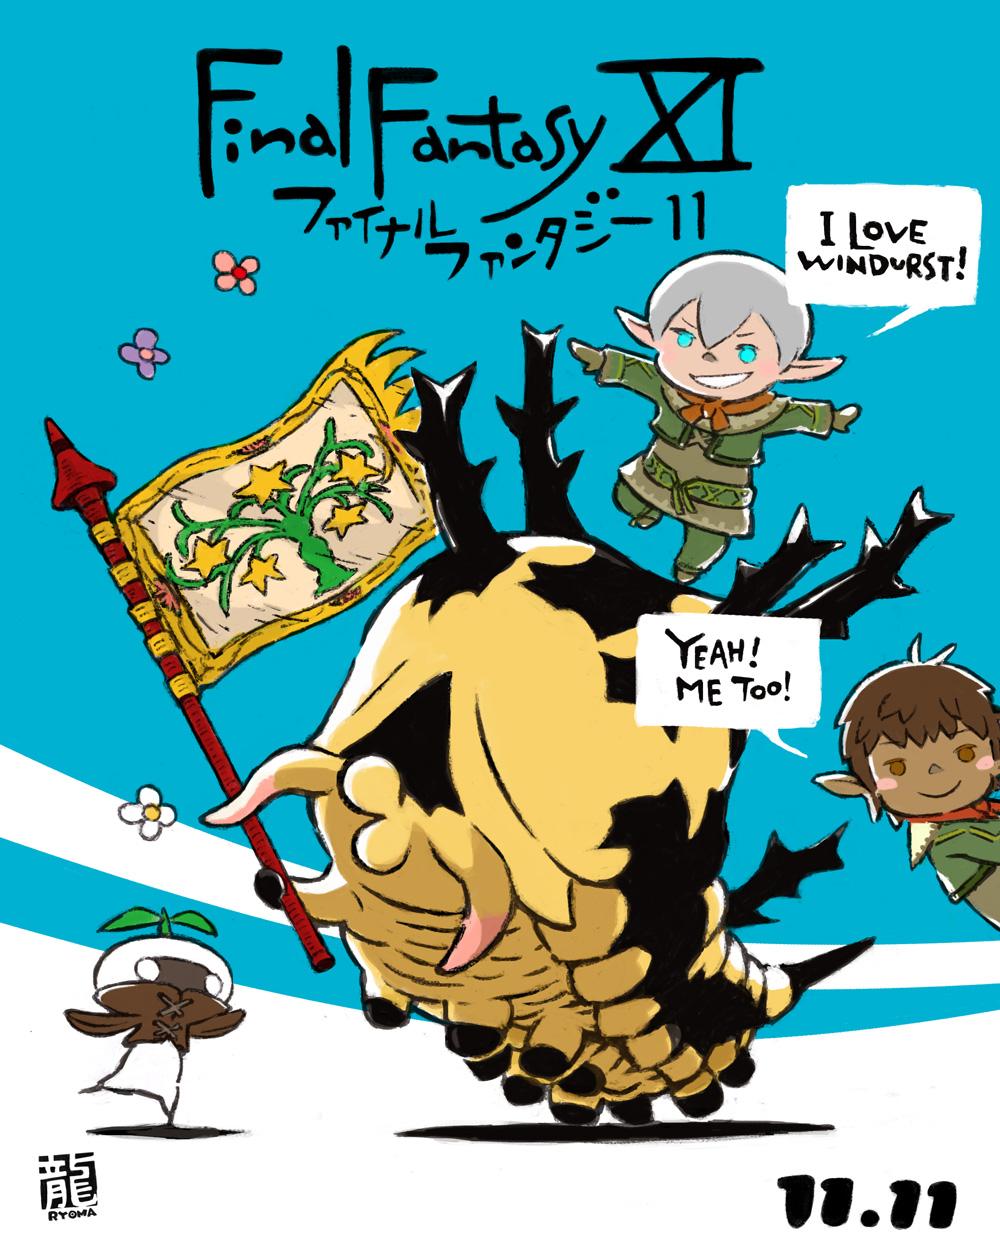 伊藤龍馬描き下ろし ファイナルファンタジーxi の日記念イラスト公開 トピックス ファイナルファンタジーポータルサイト Square Enix